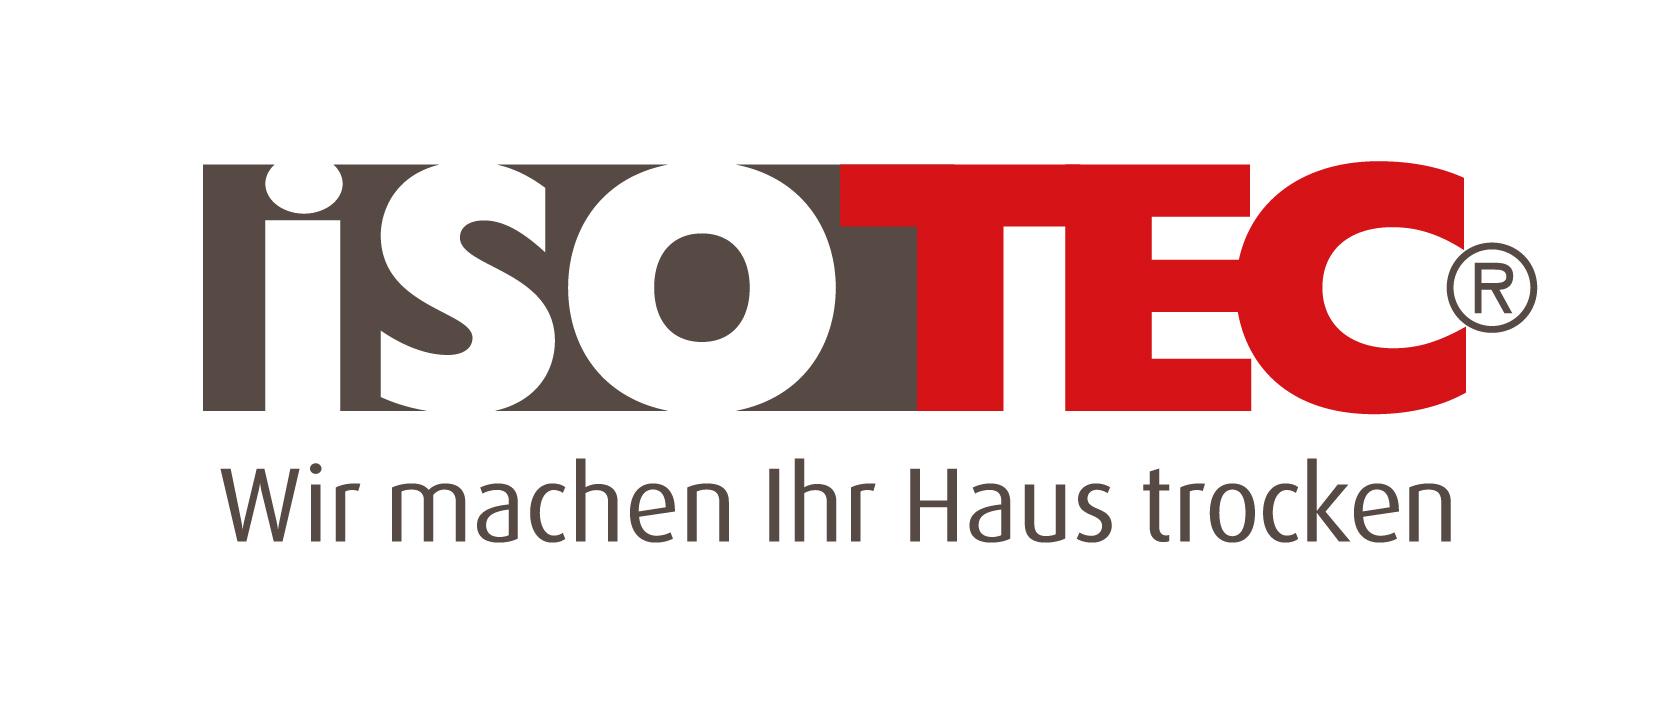 ISOTEC-Fachbetrieb Andichtungstechnik Zorn